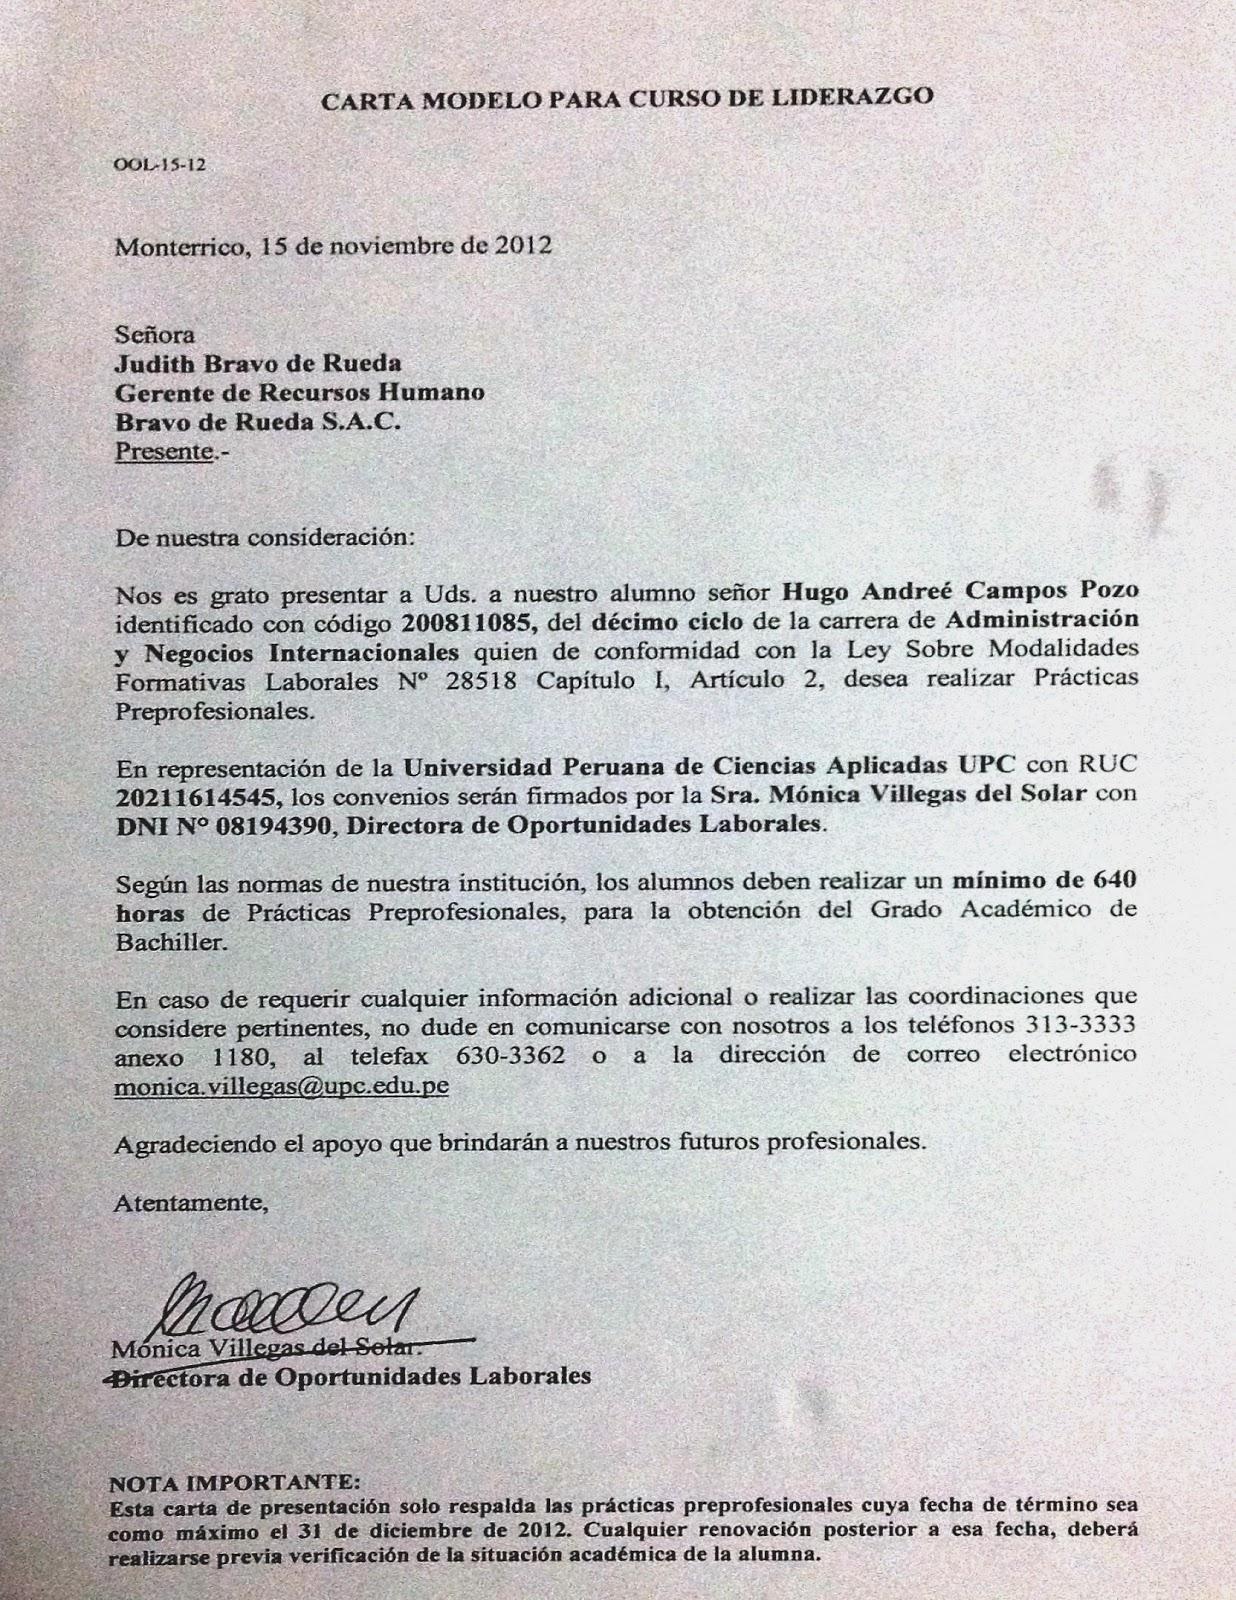 Hugo Andreé Campos Pozo : noviembre 2012